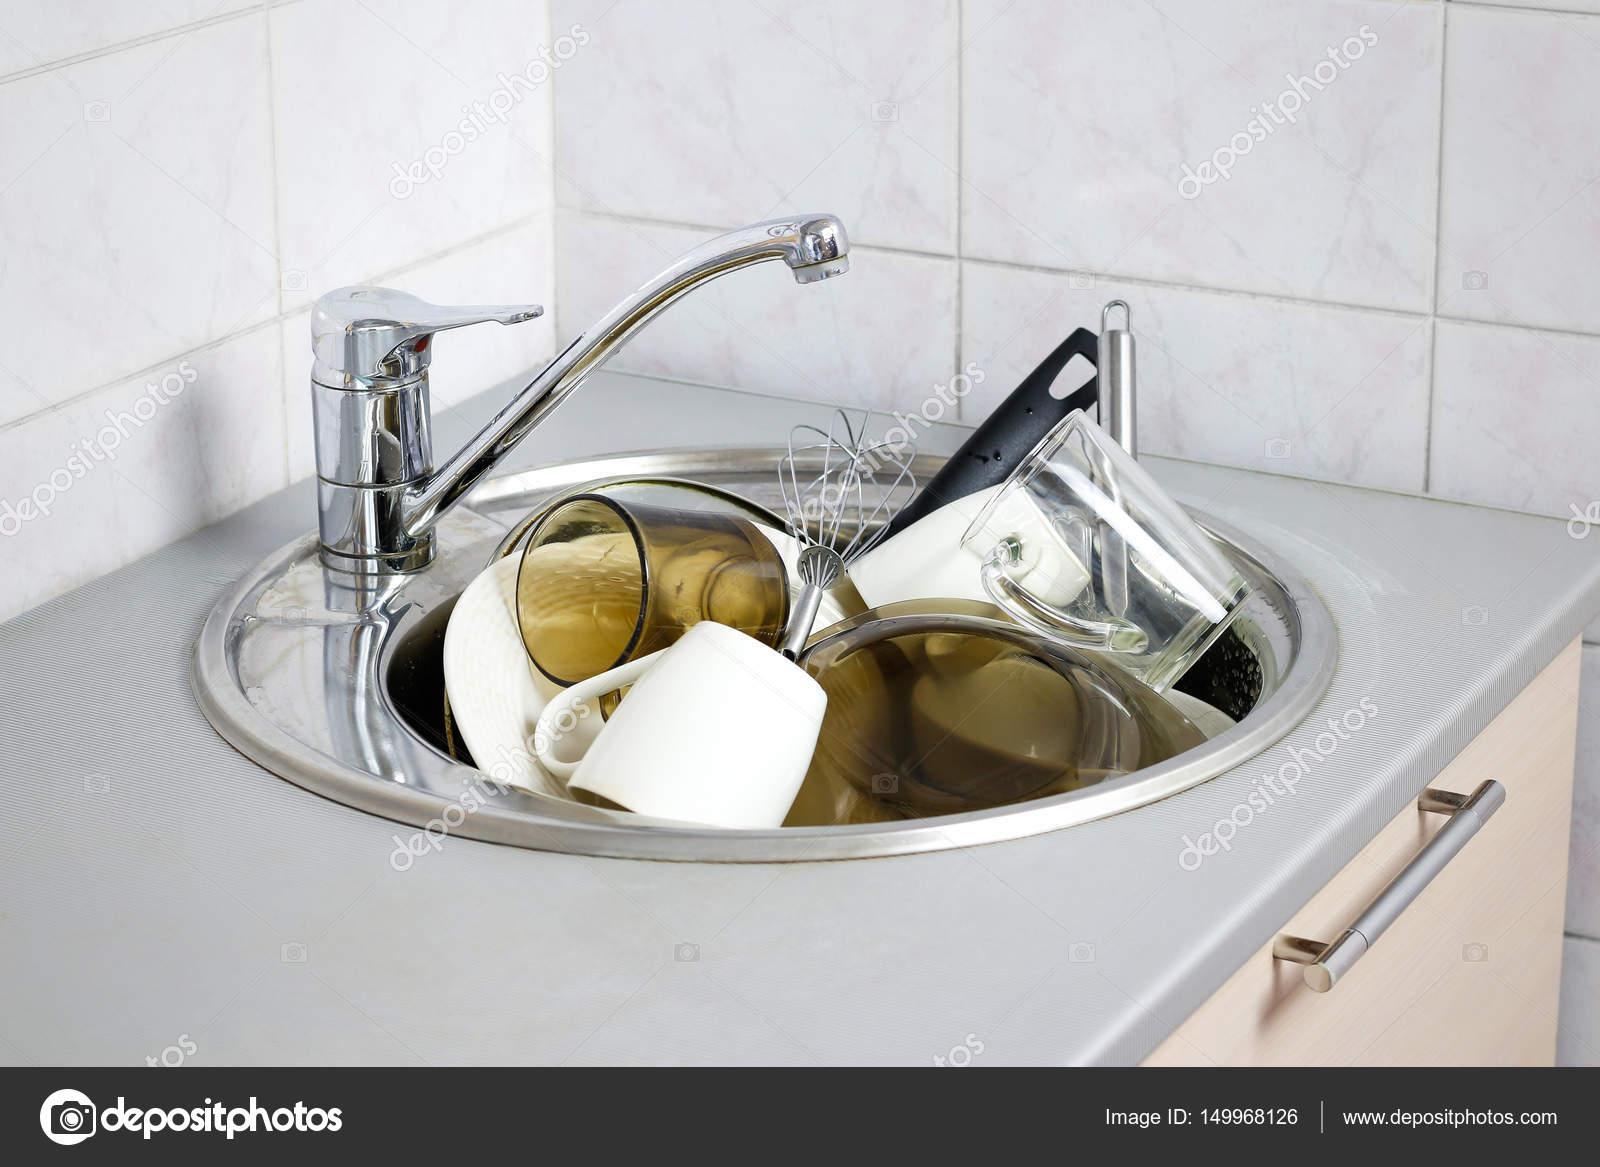 Viele schmutzige Geschirr in der Spüle — Stockfoto © onlyblacktv.bk ...